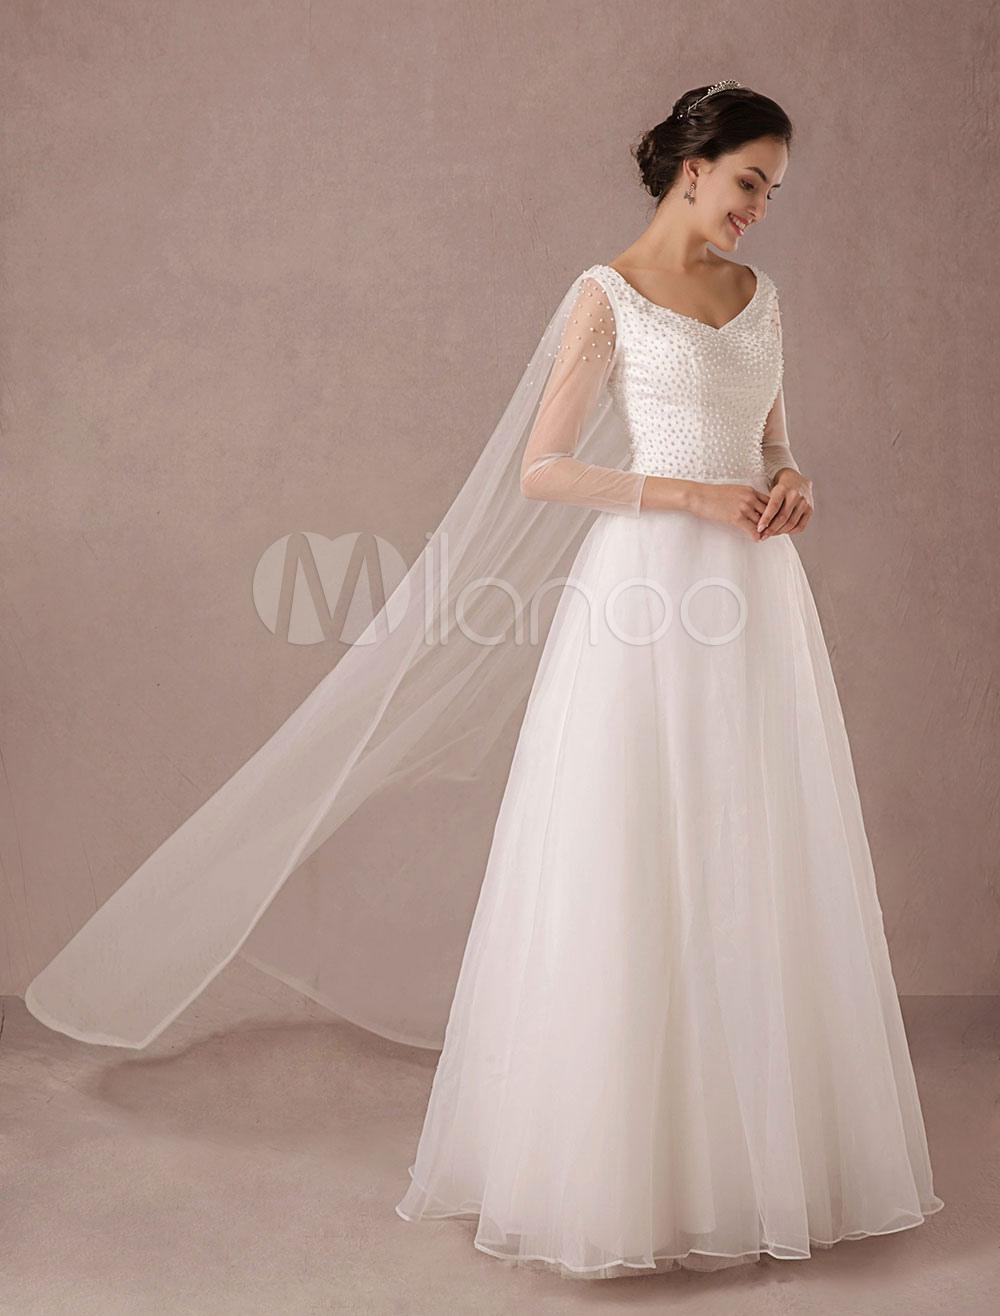 Tüll Hochzeitskleid Langarm Perlen Perlen bodenlangen a-Linie ...